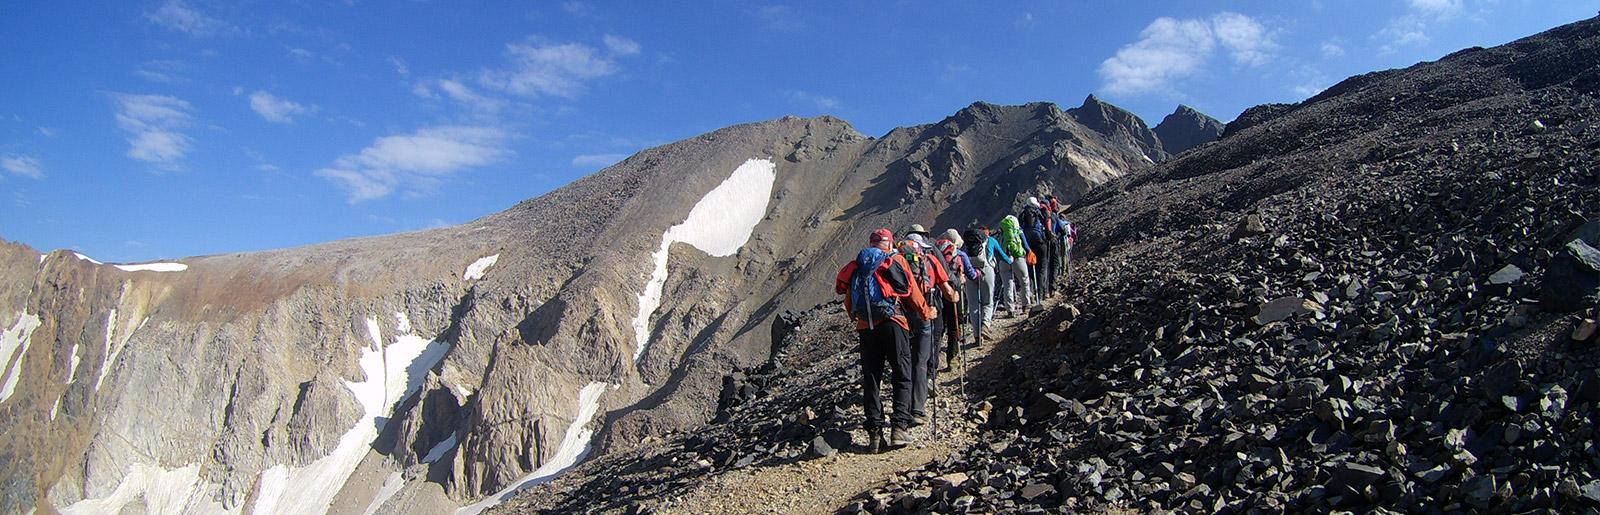 Damavand & Alamkouh Climbing Tour